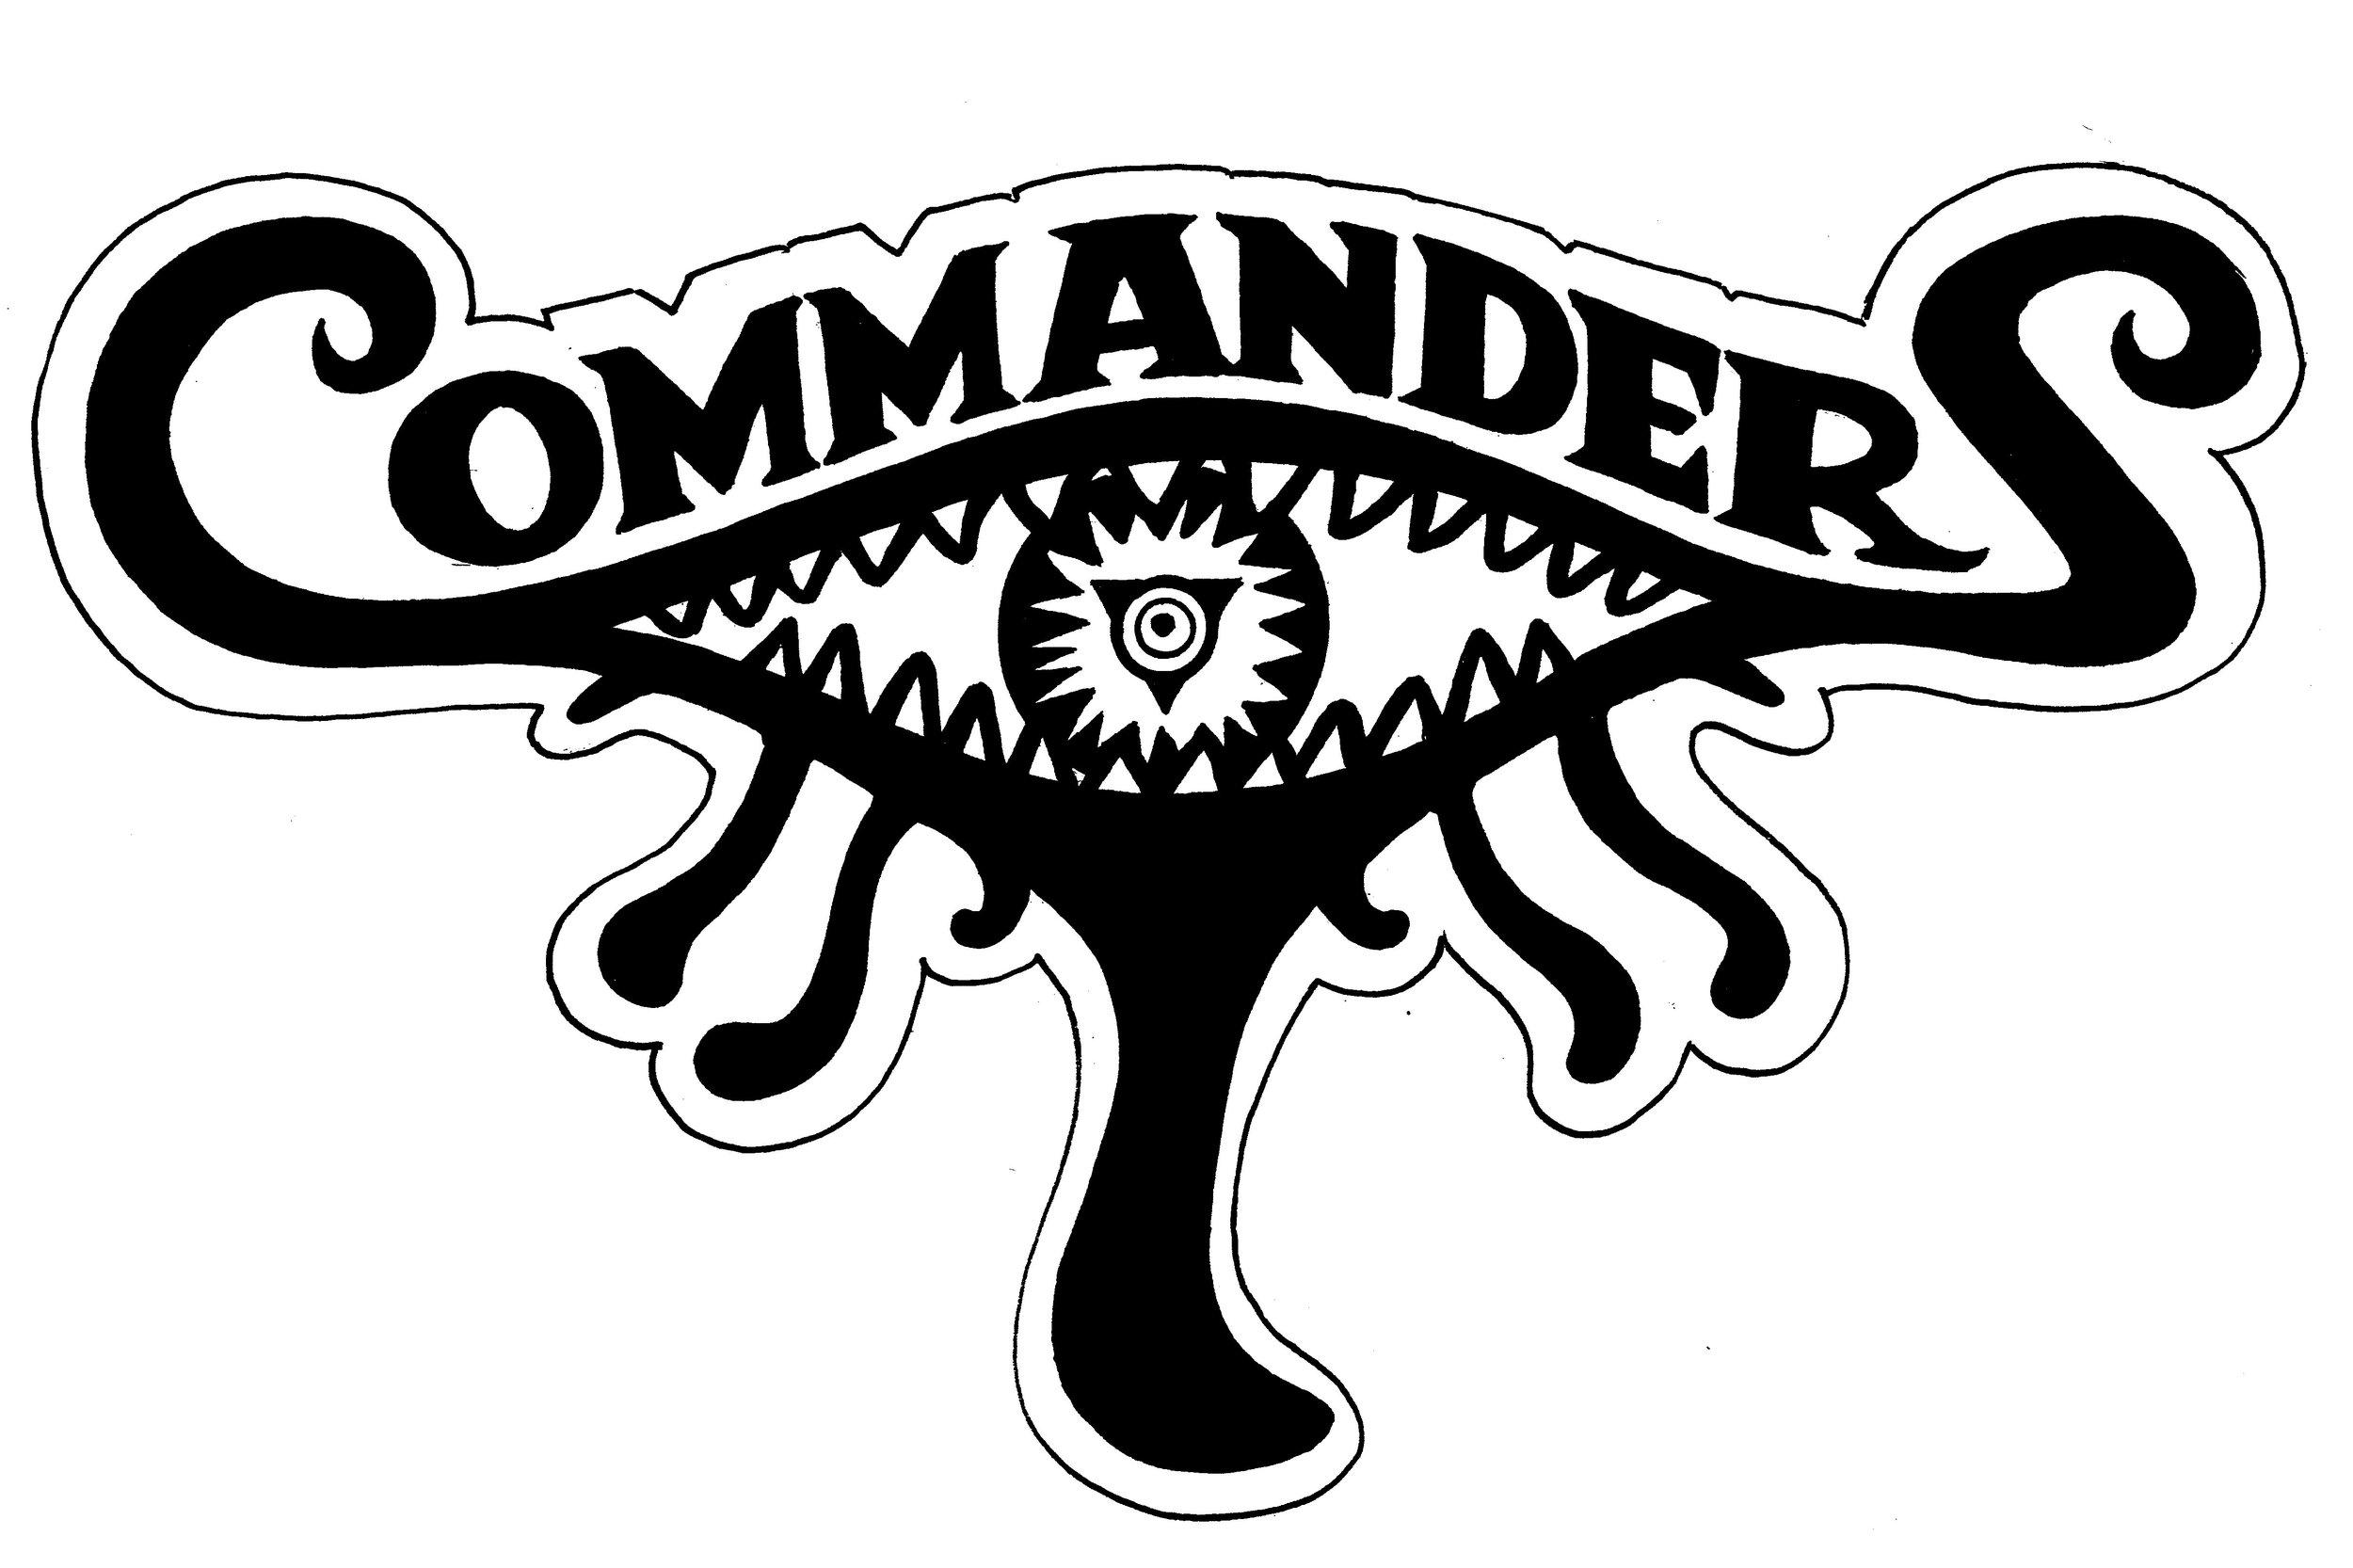 Commanders logo FINAL.jpg